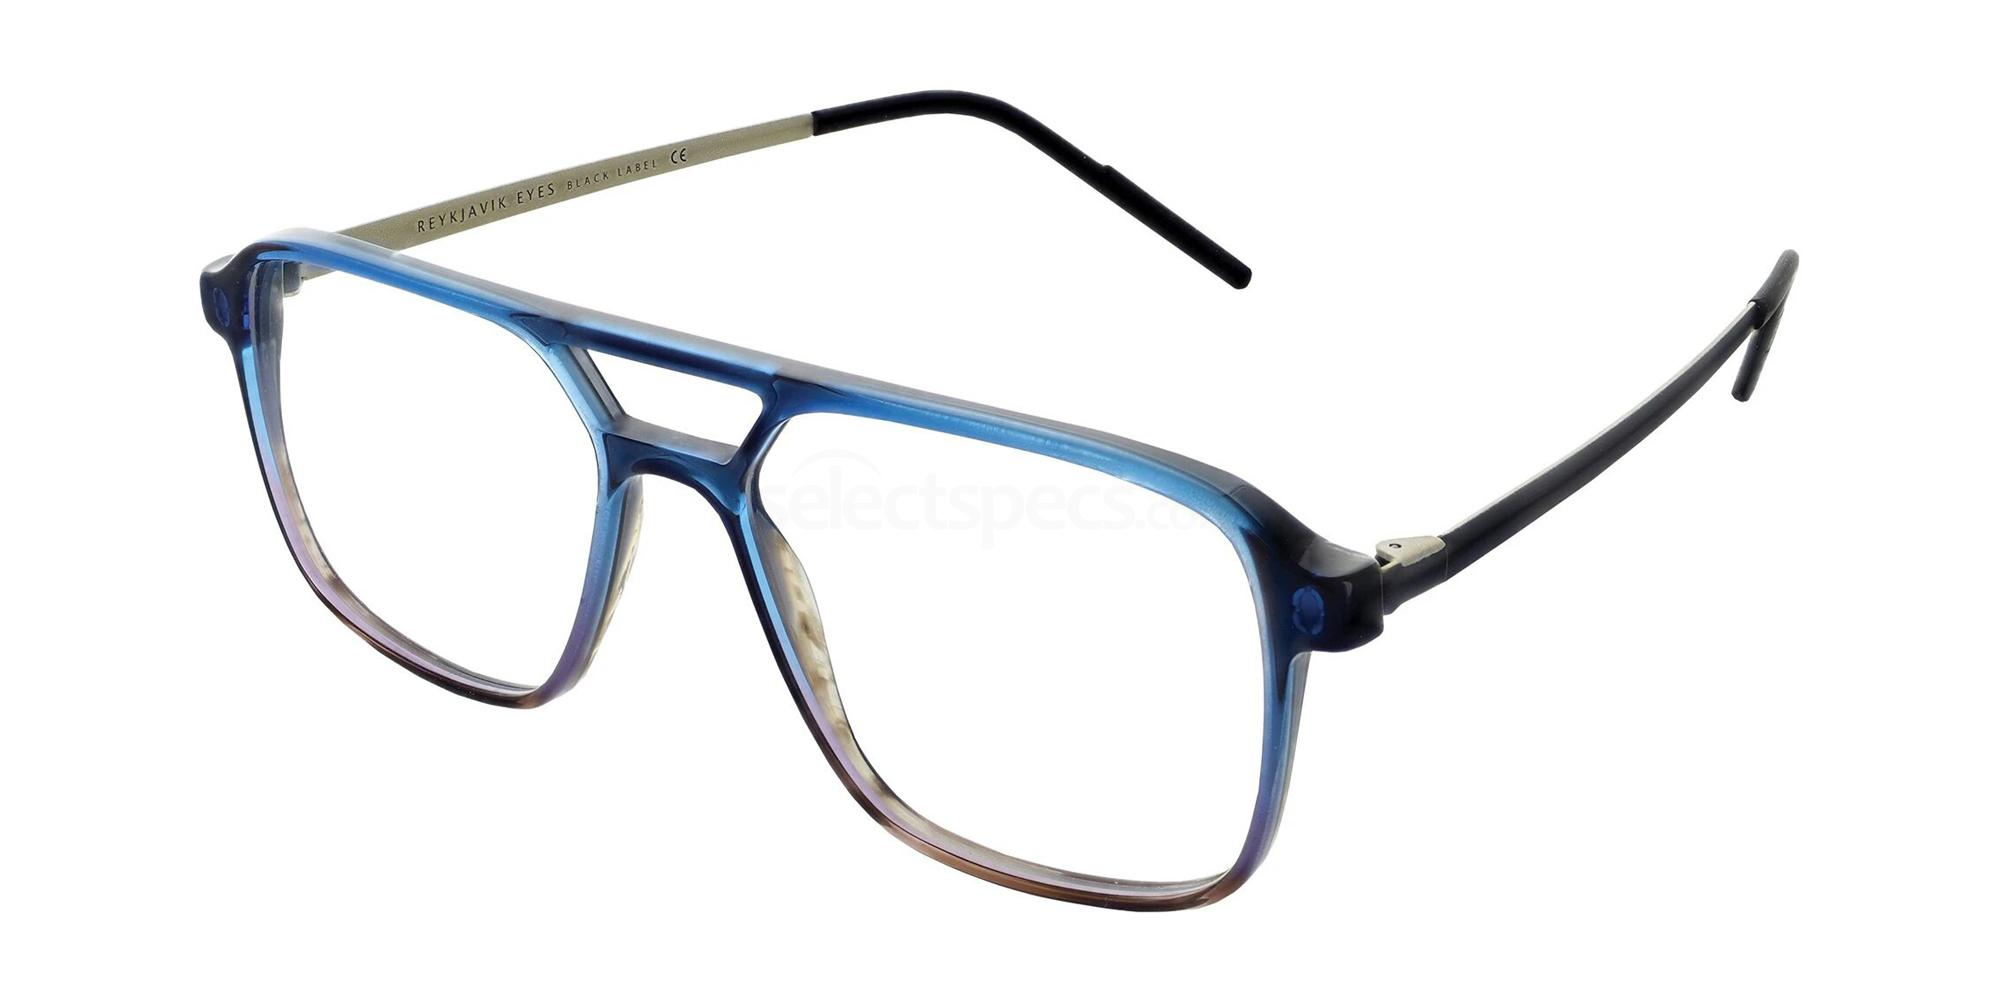 C1 GOTI Glasses, Reykjavik Eyes Black Label